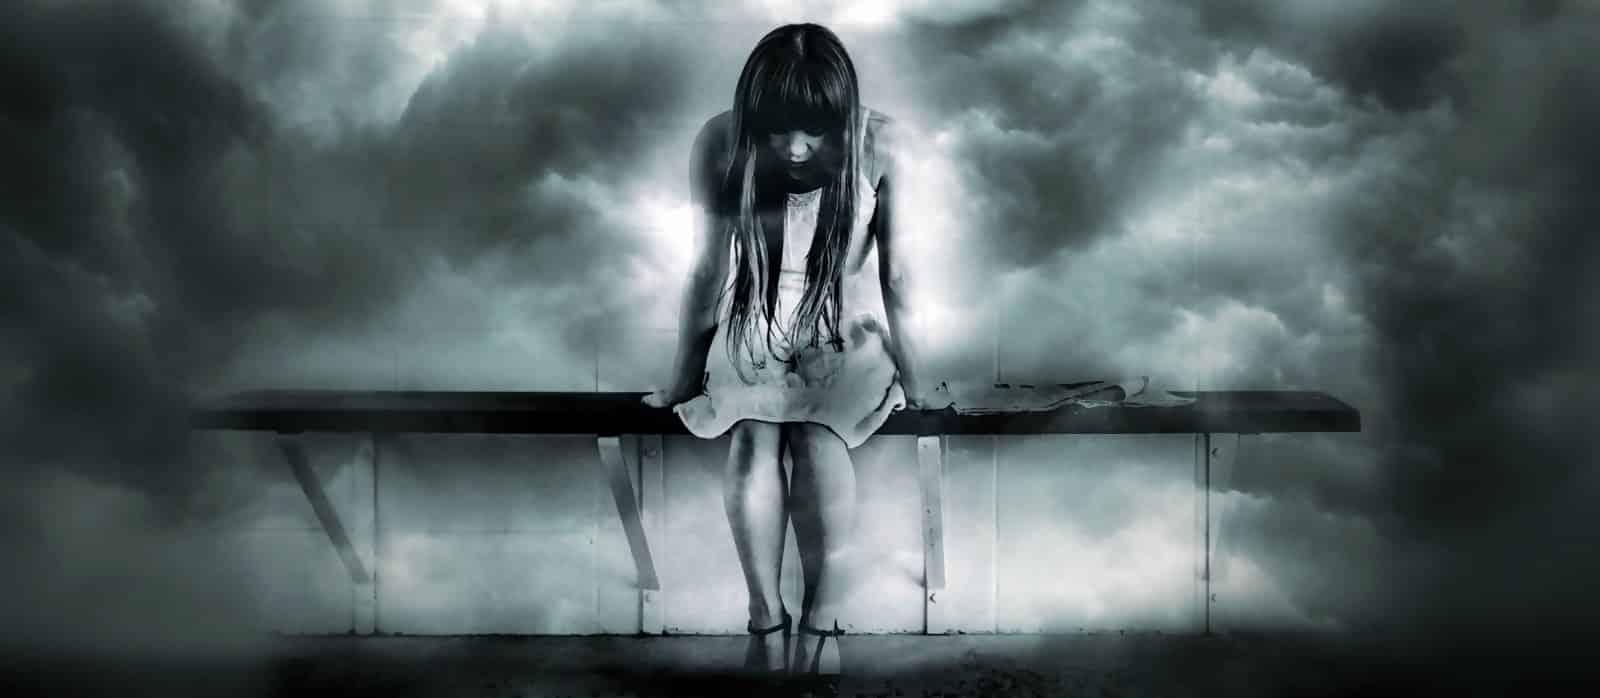 Depression - หนังสือ โรคซึมเศร้า